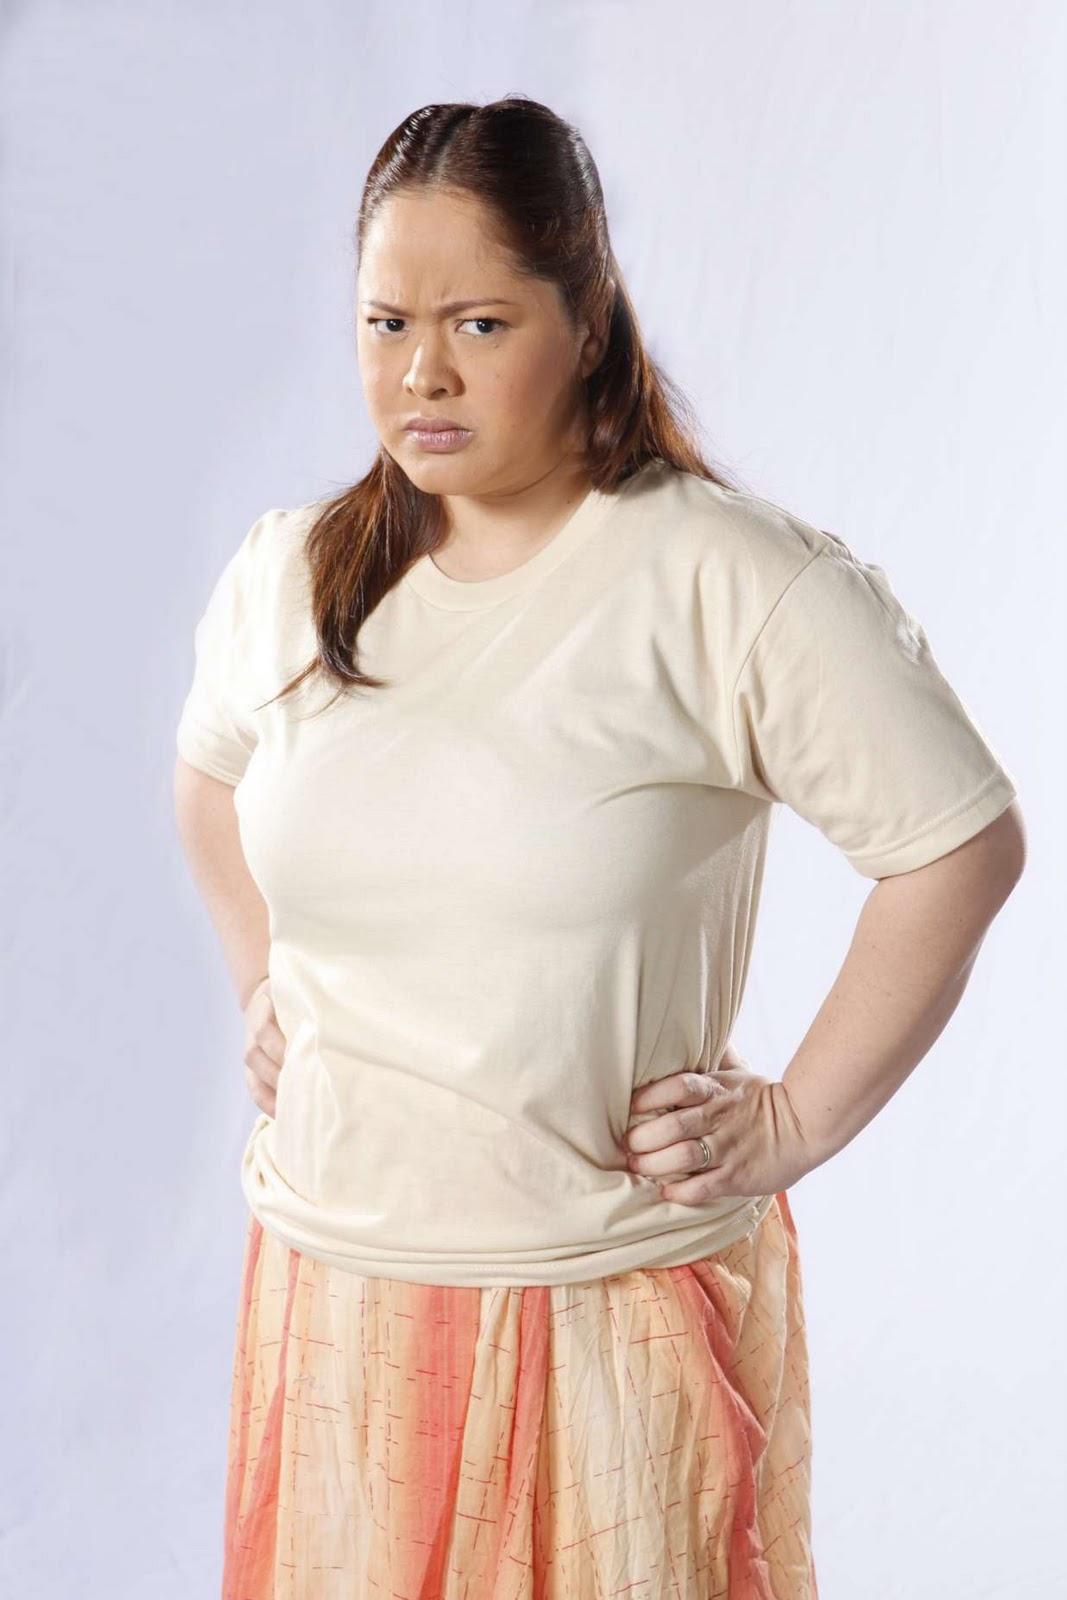 Manilyn Reynes net worth